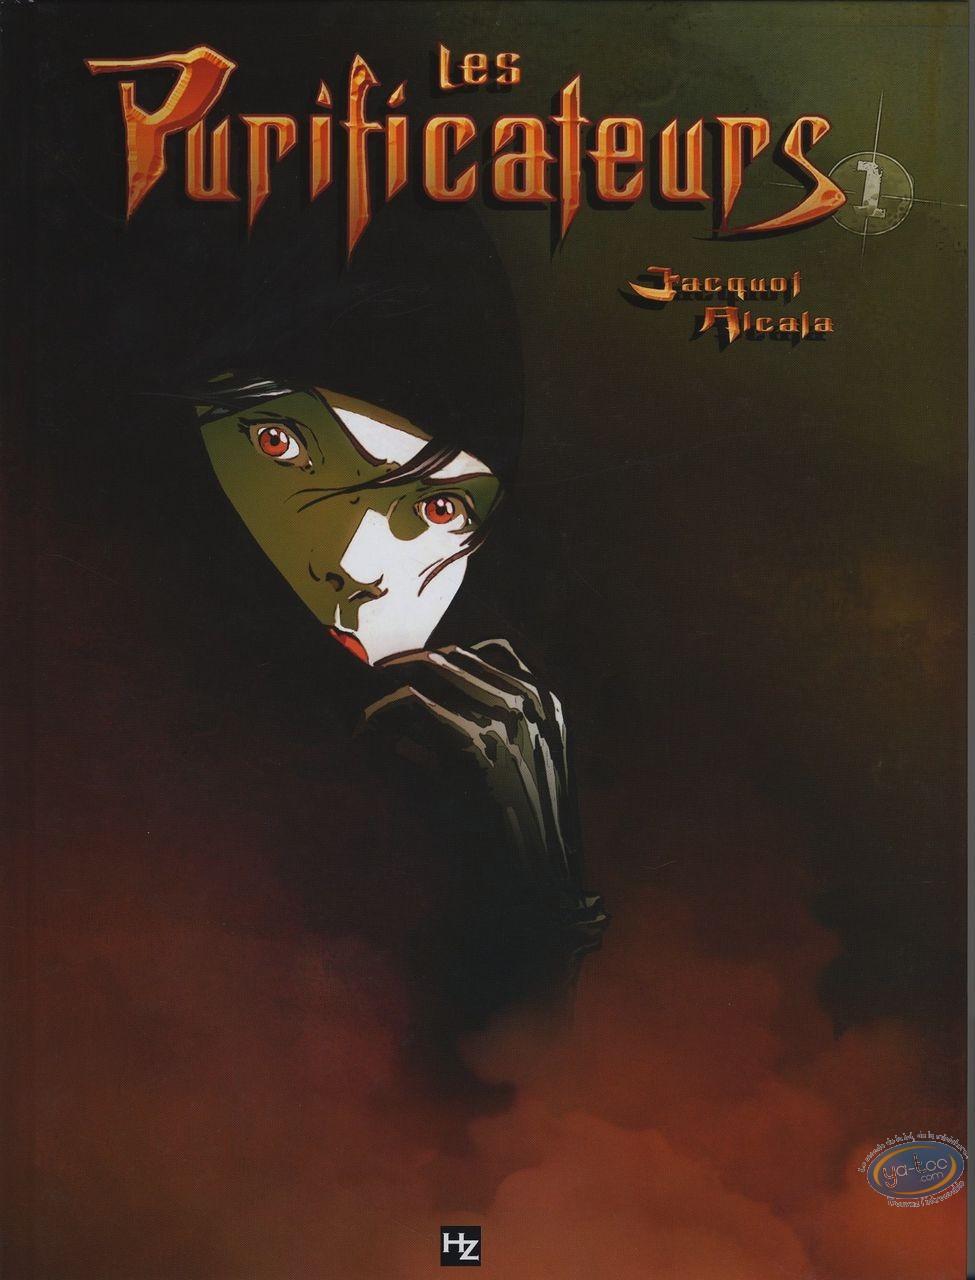 Reduced price European comic books, Purificateurs (Les) : Les purificateurs